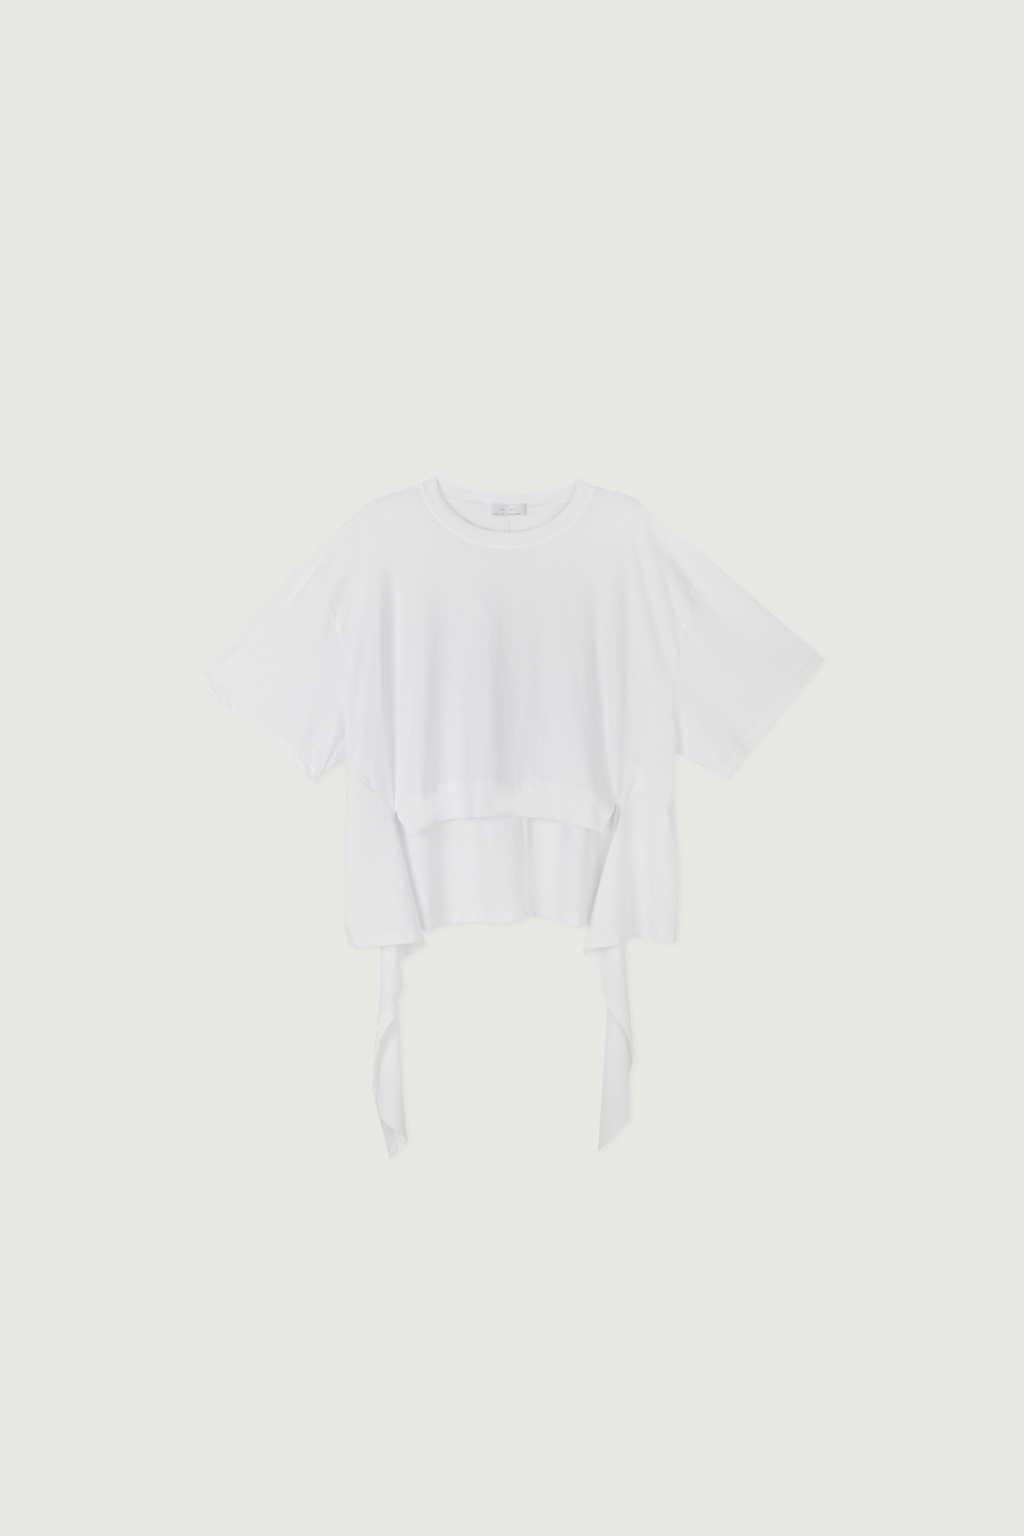 TShirt K151 White 9